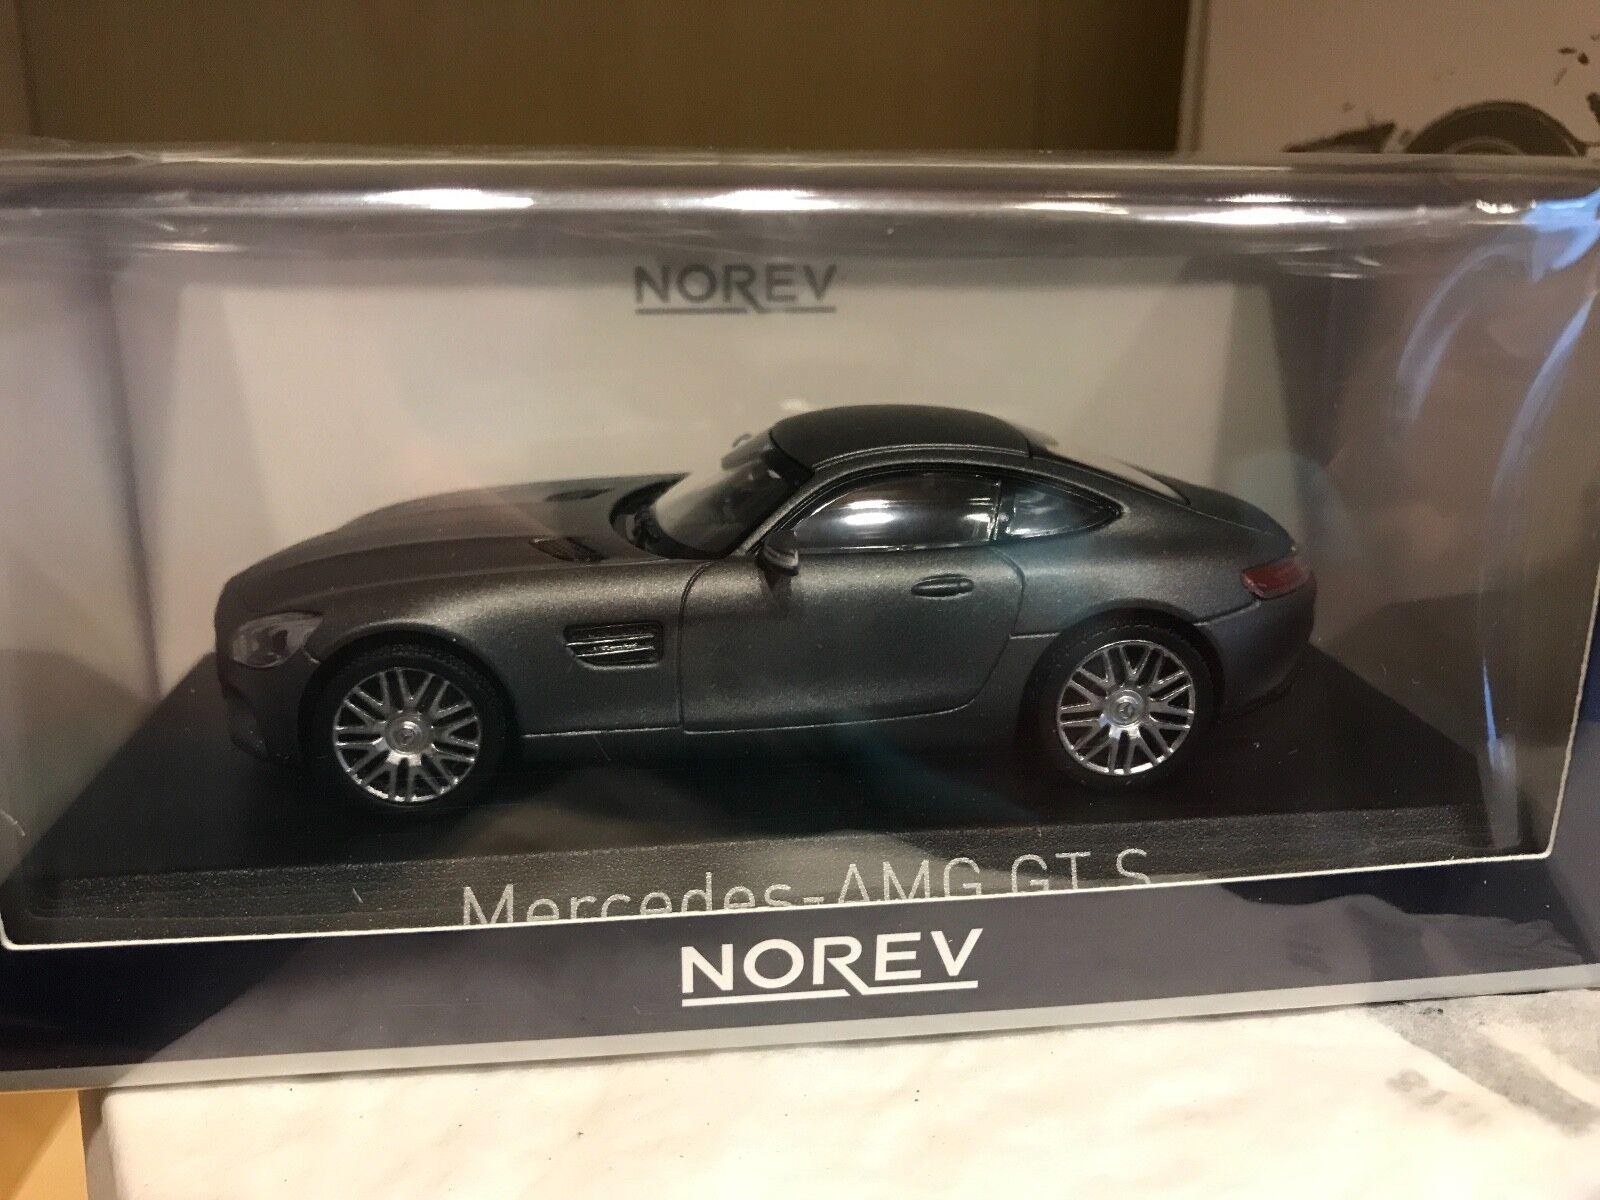 Mercedes-AMG GT S - grey metallic - NOREV - 1 43